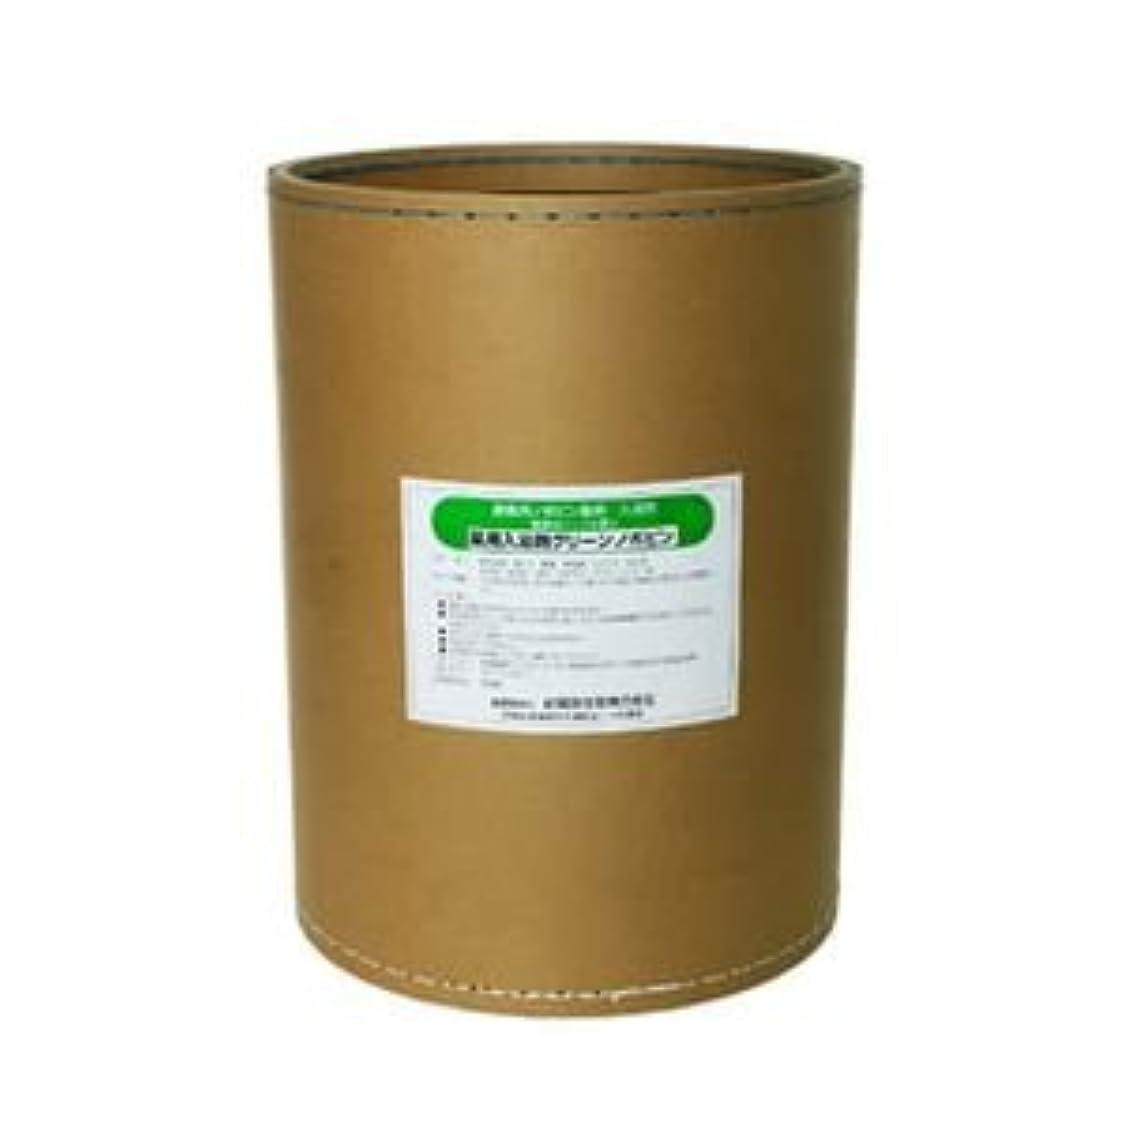 放散する血色の良い生き残ります業務用入浴剤 グリーンノボピン 18kg